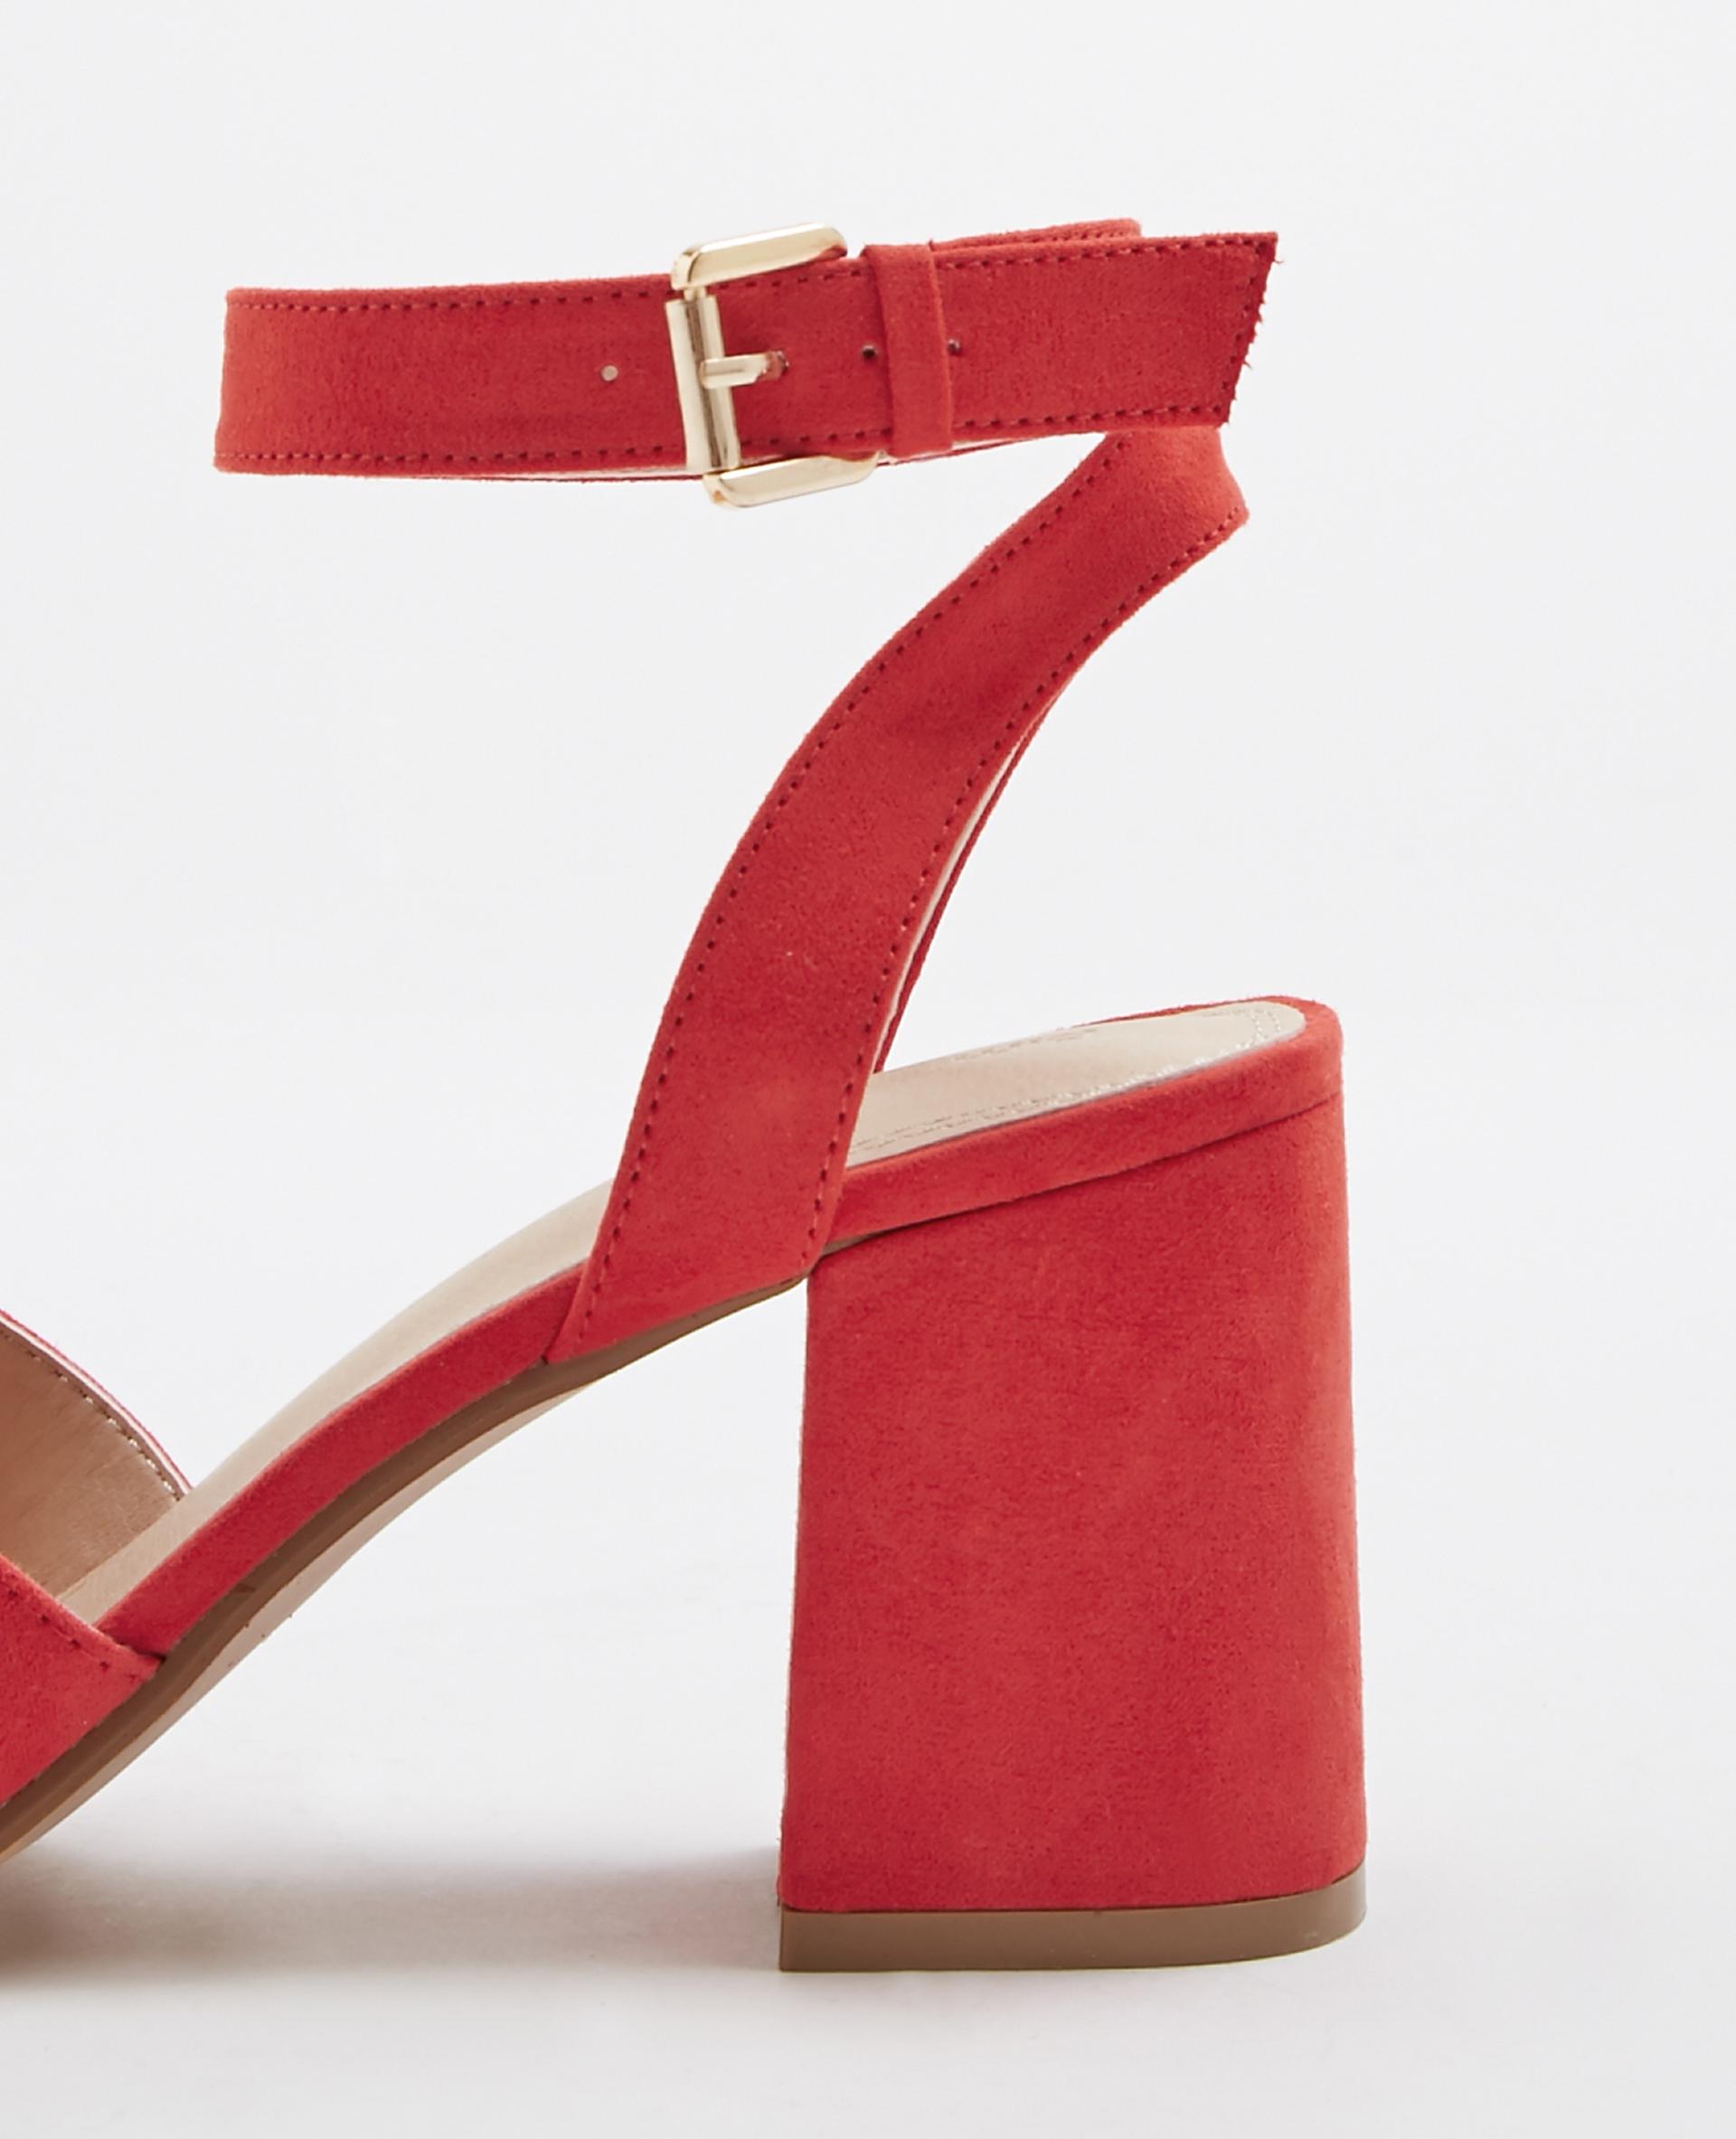 Sandales à talons carrés rouge 916455334A03 | Pimkie